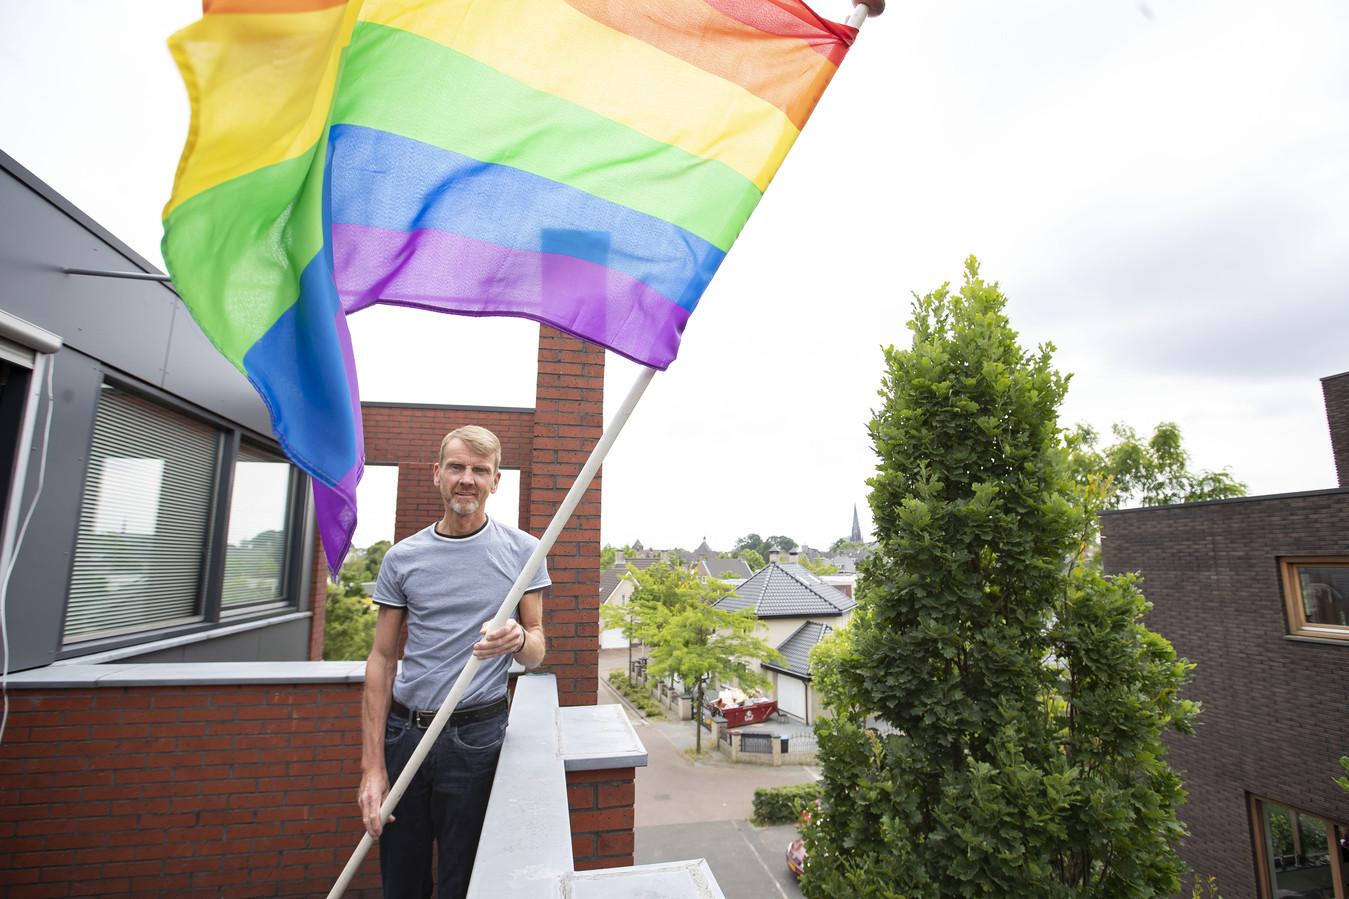 Freerk Jager, voorzitter van COC Twente-Achterhoek, hijst de regenboogvlag uit protest tegen de anti-homowetgeving in Hongarije, waar Nederland zondag de achtste finale speelt.